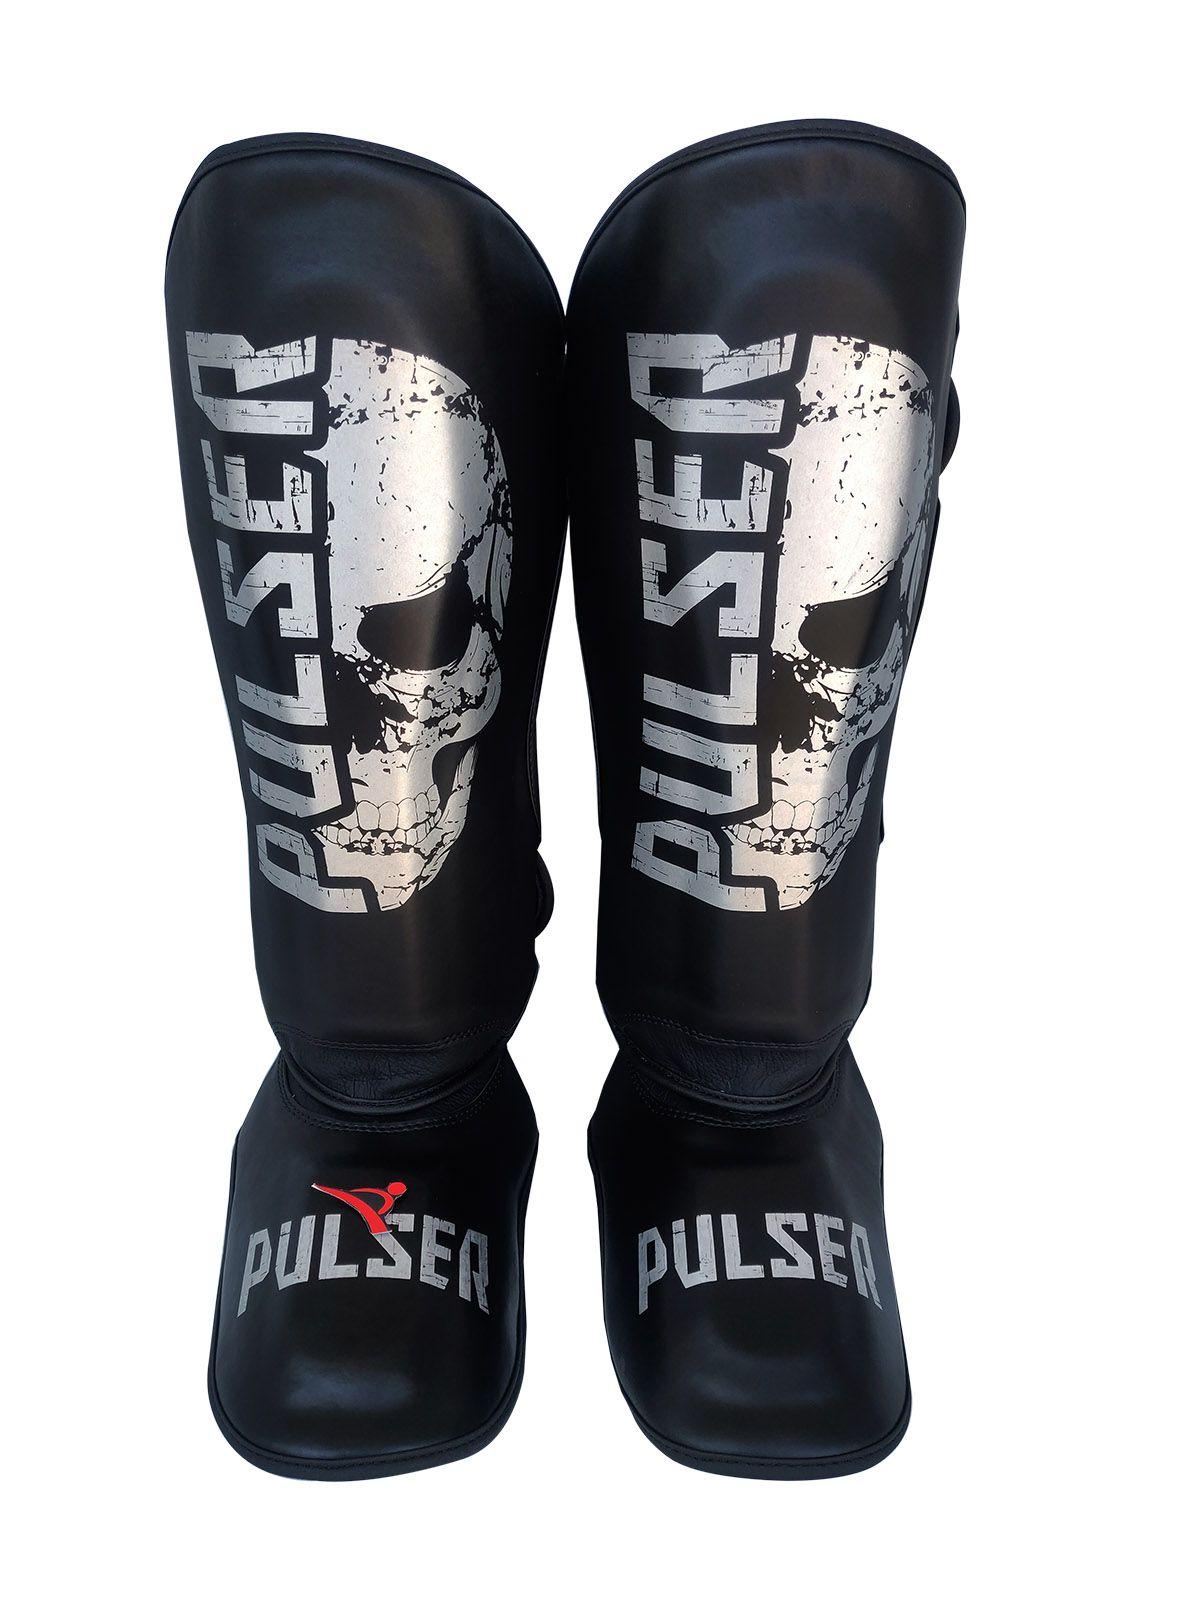 Caneleira Muay Thai MMA Caveira New Média 30mm - Pulser  - PRALUTA SHOP